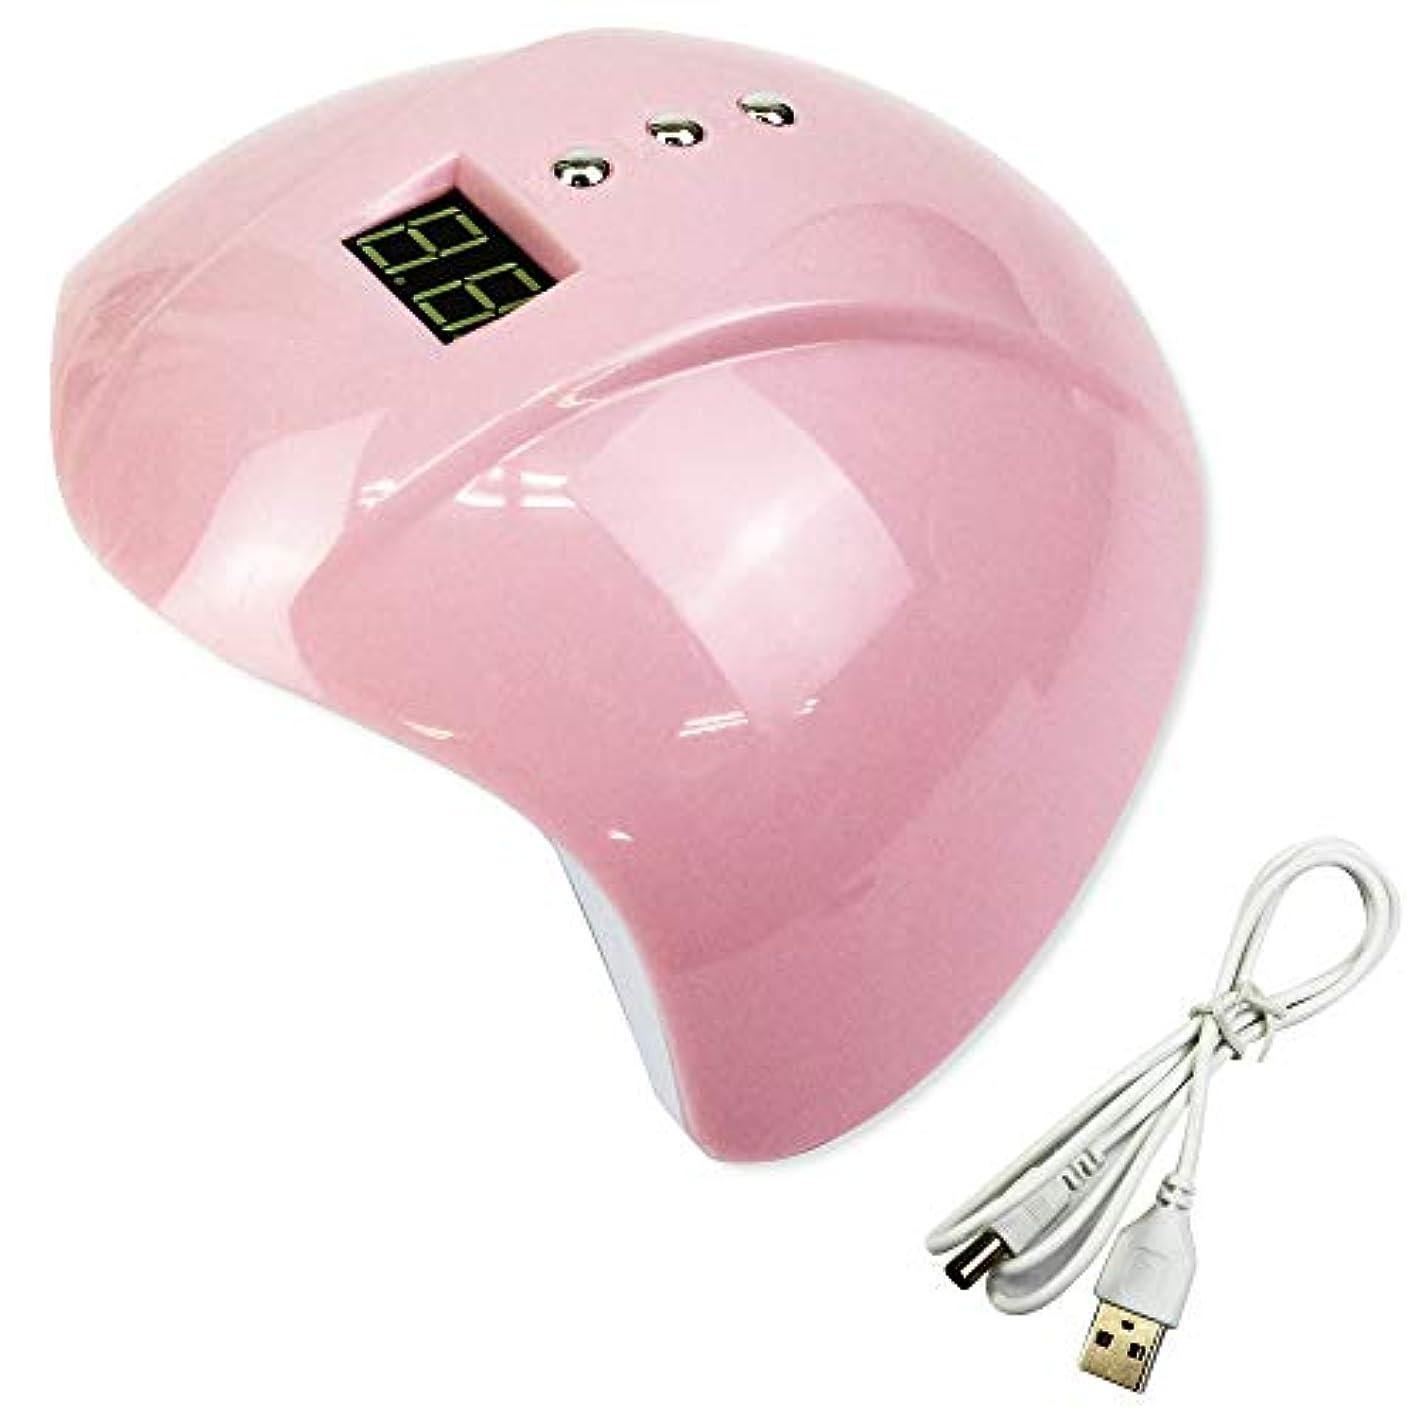 最大化する横隣人MUGEN ネイル LEDライト 硬化 ネイルドライヤー ジェルネイル UVライト 3段階タイマー ネイル道具 (ピンク)